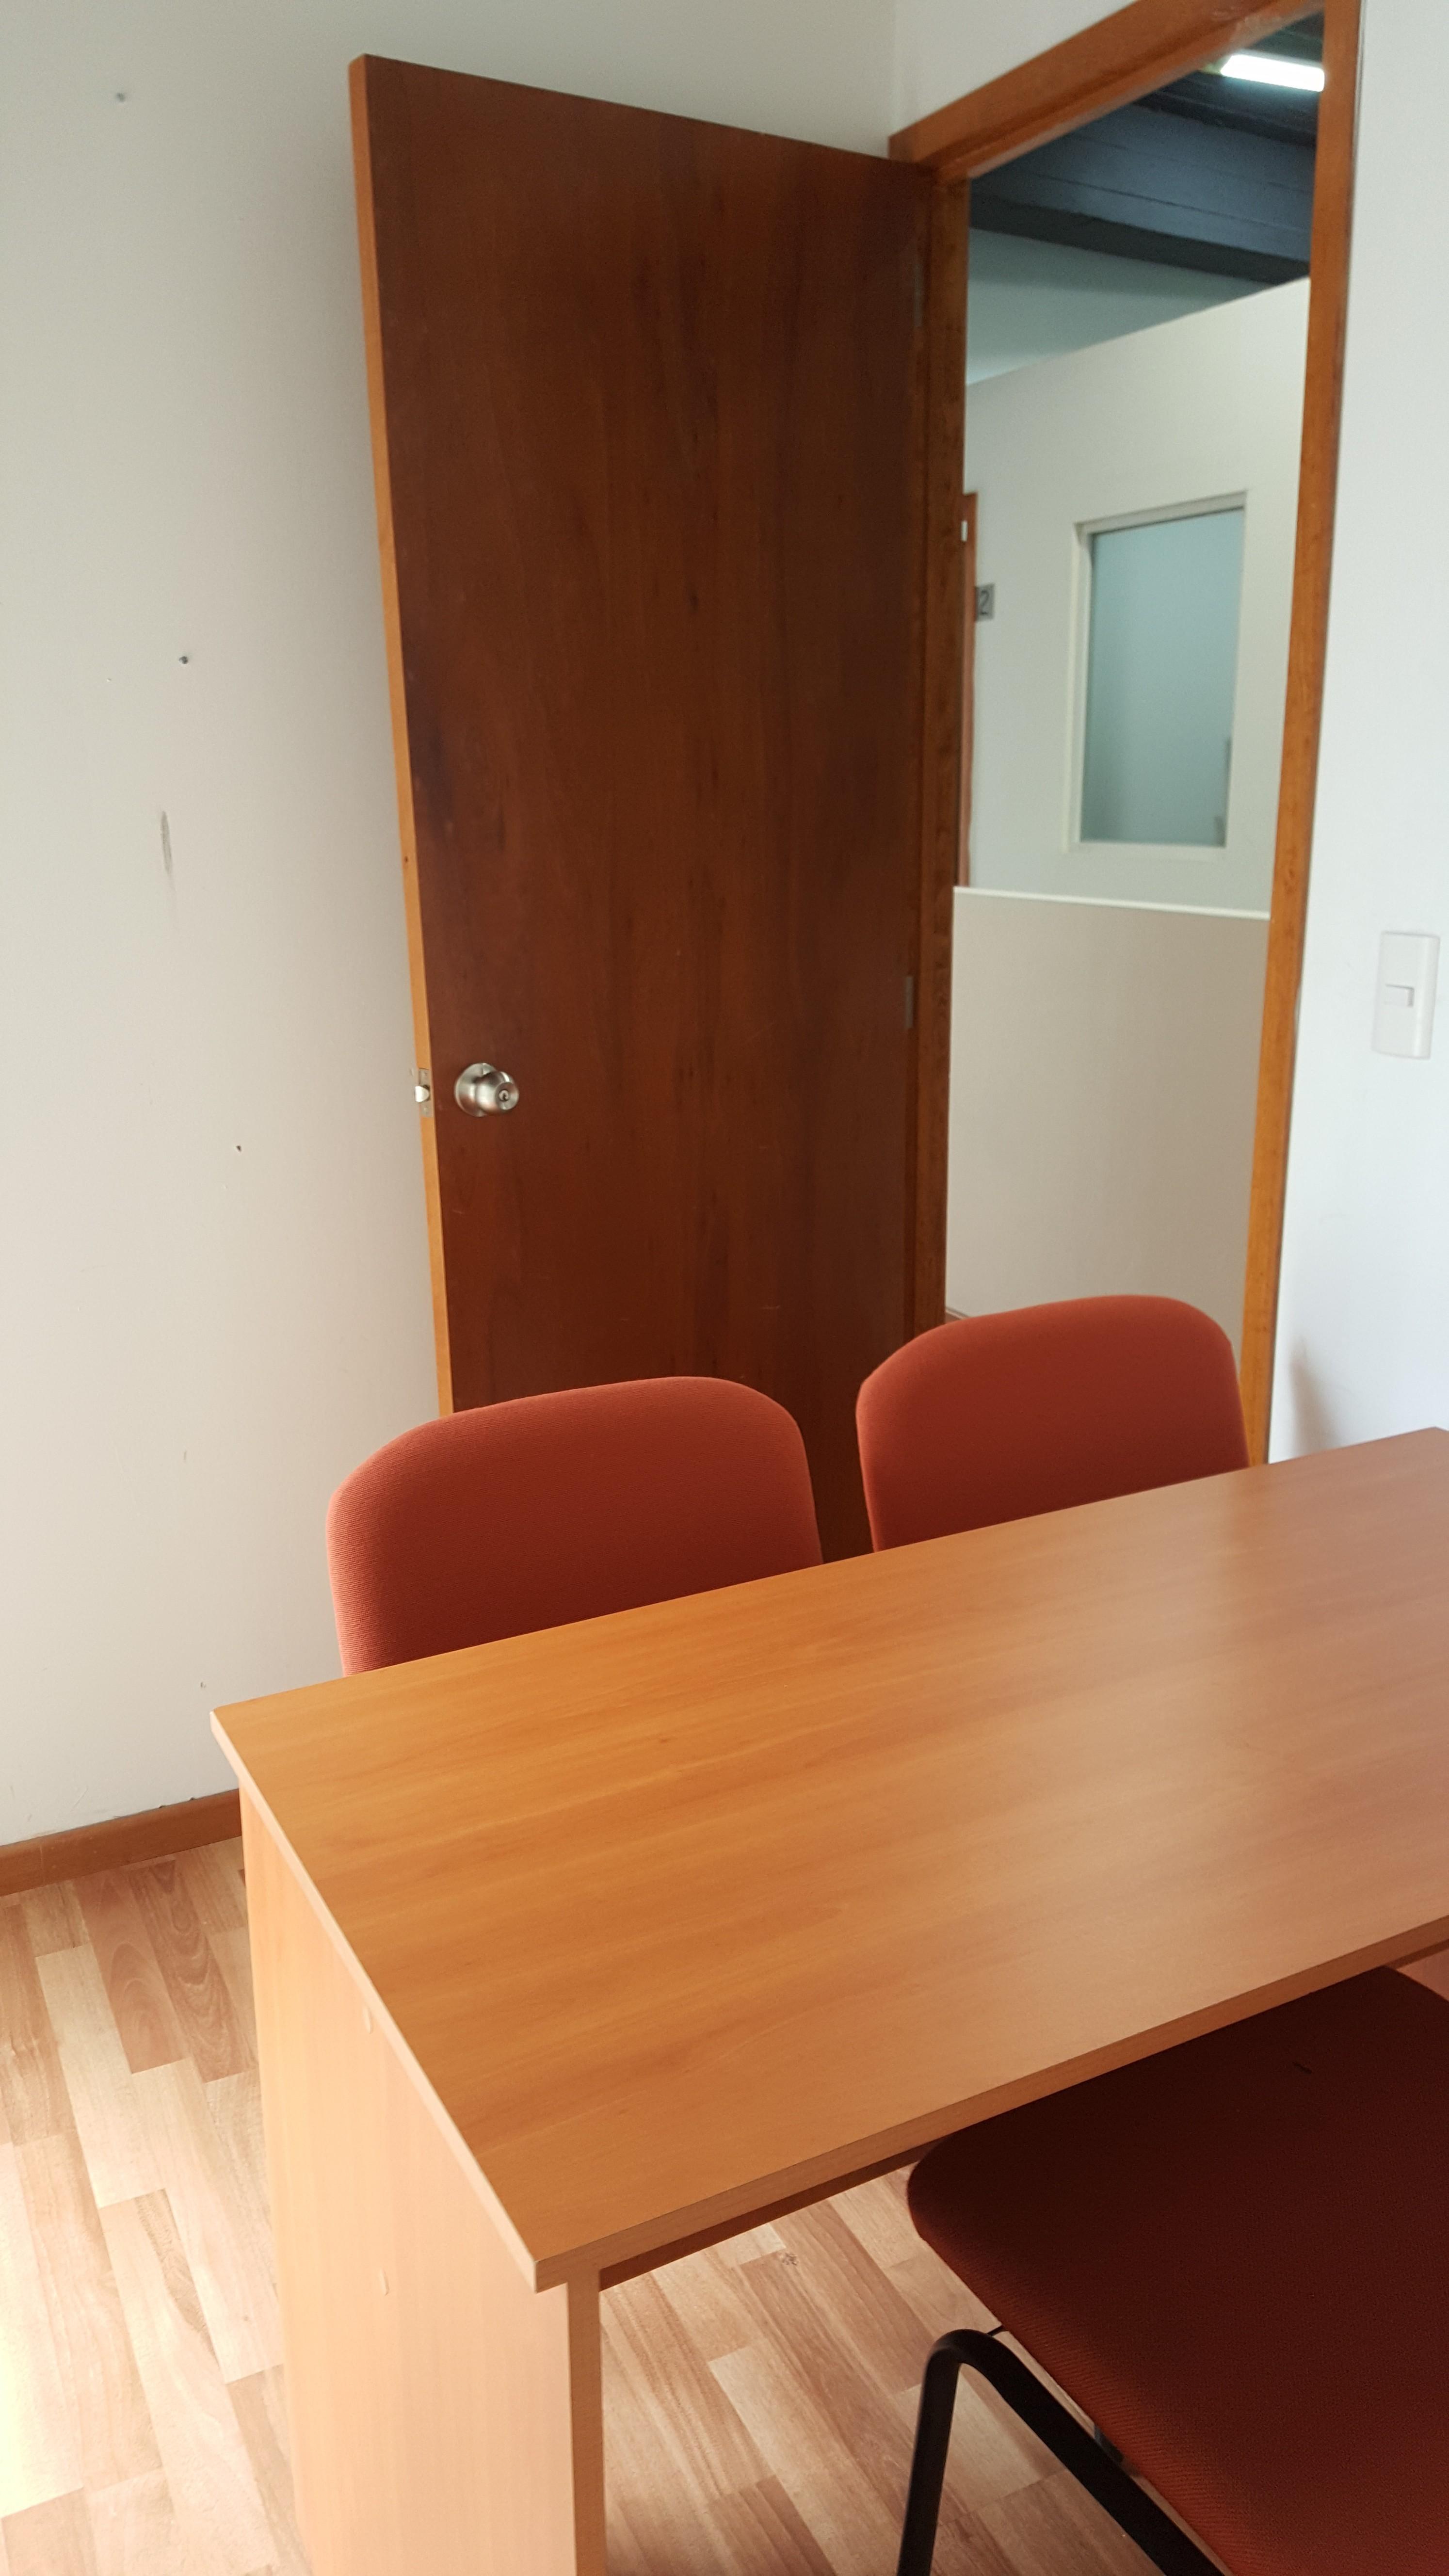 Oficina ejecutiva todos los servicios incluidos for Oficina ejecutiva